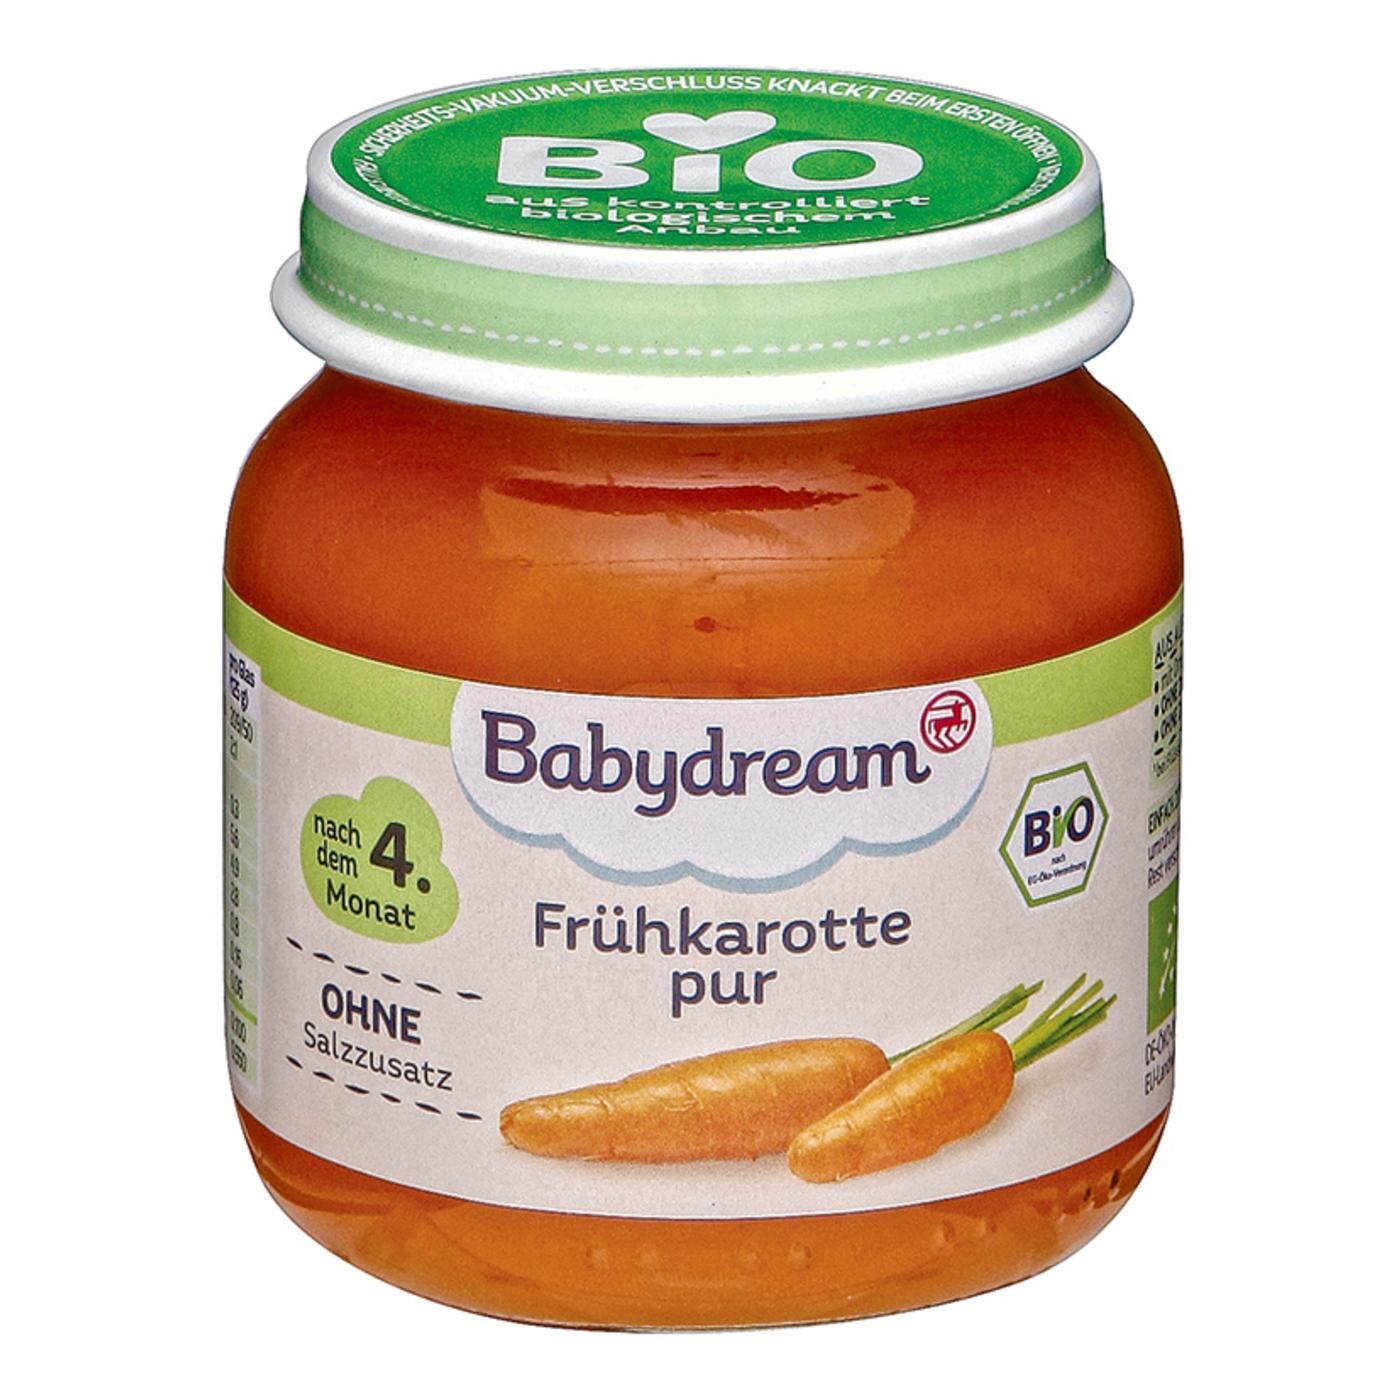 9d59493443e7b6 Babydream Bio Frühkarotte pur   Elternbewertungen